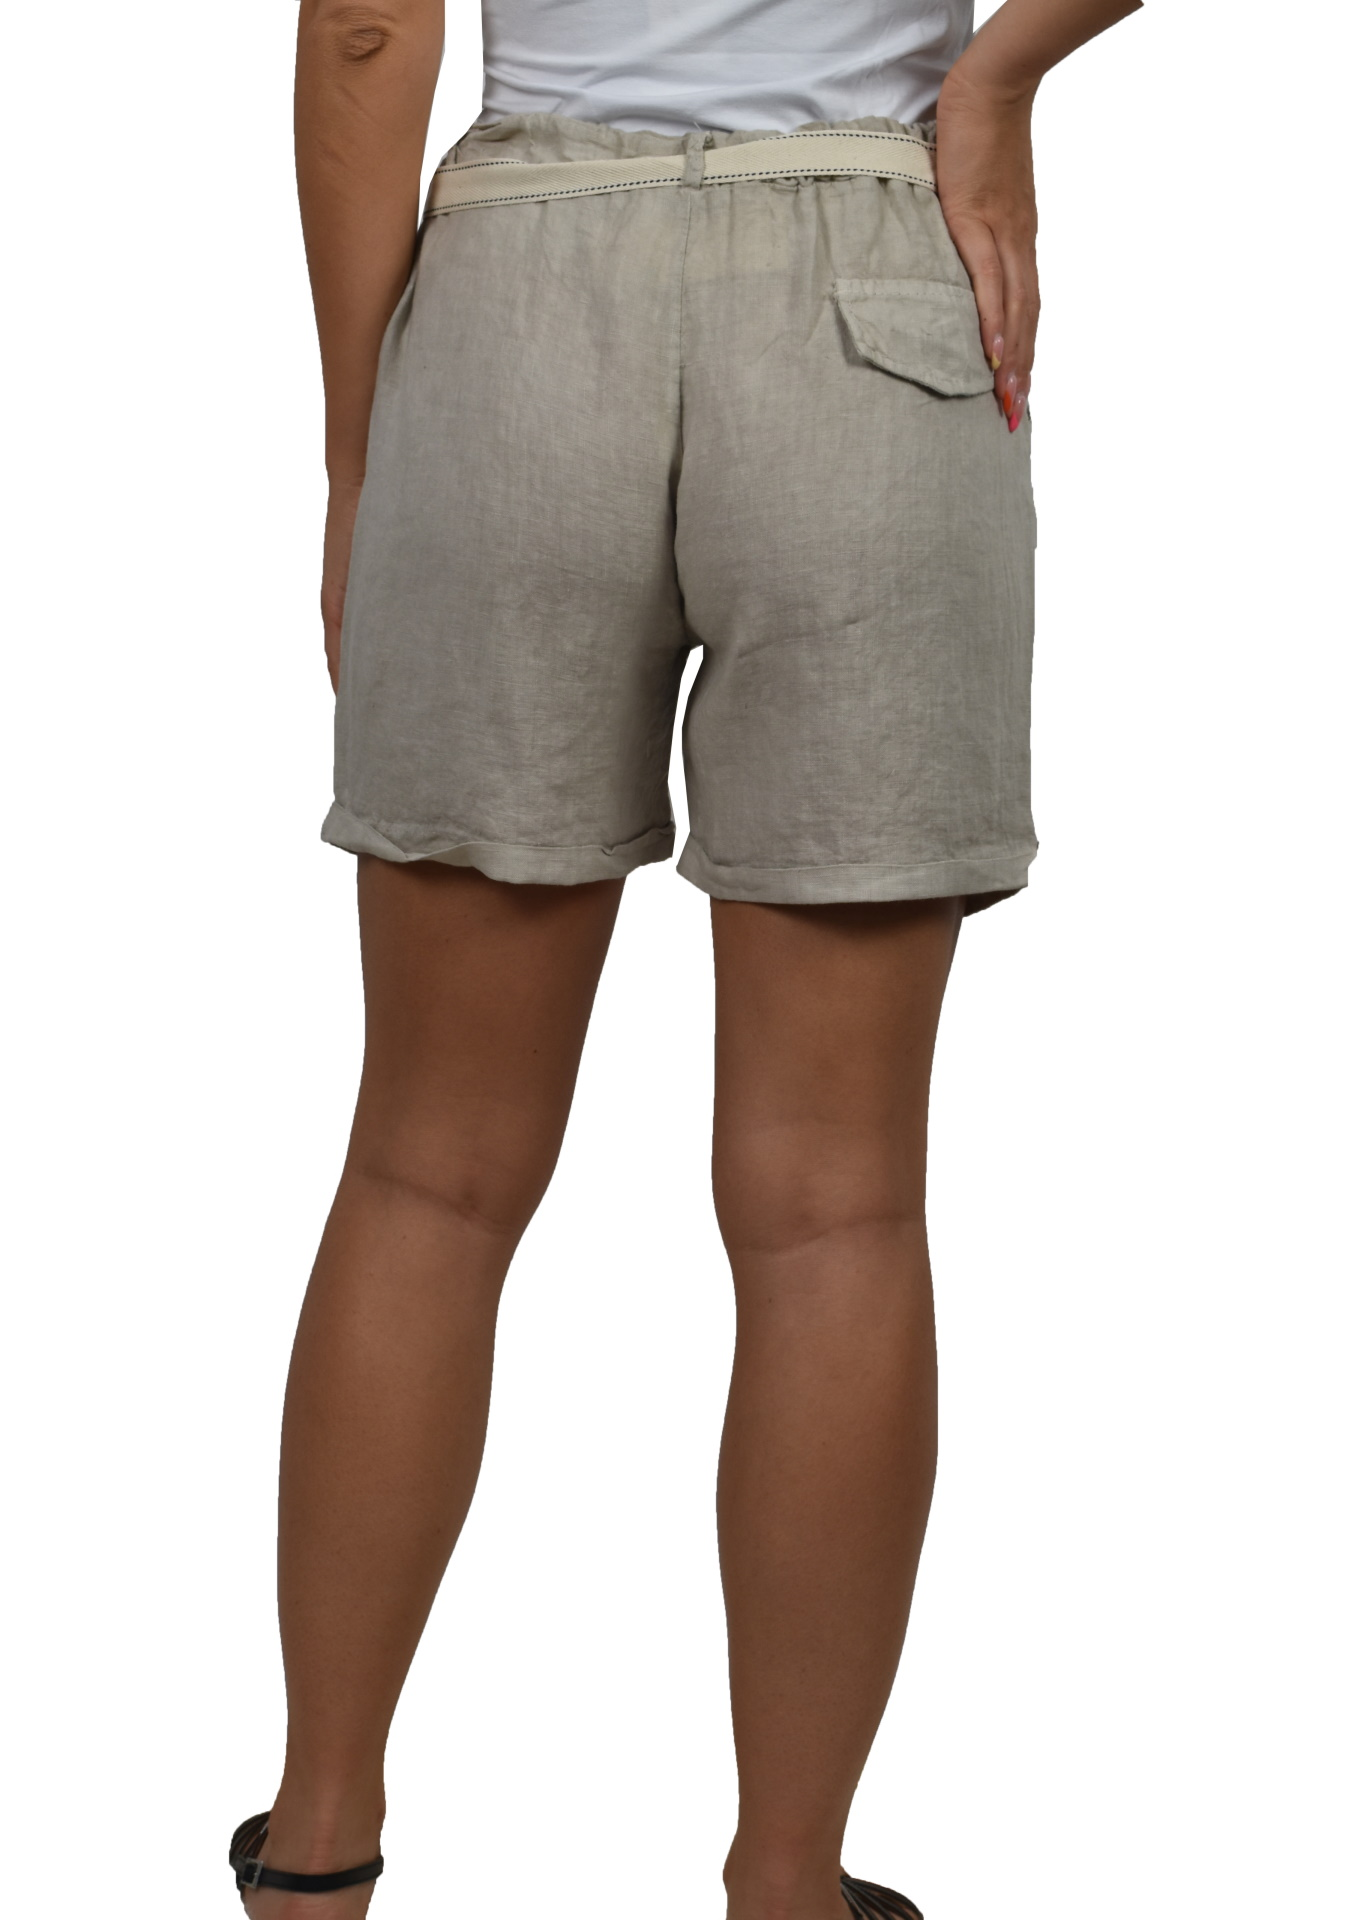 PANMAXPE2101 GRIGIO PANTALONCINO DA DONNA 100 LINO 1 1stAmerican pantaloncino da donna 100% lino Made in Italy - bermuda mare